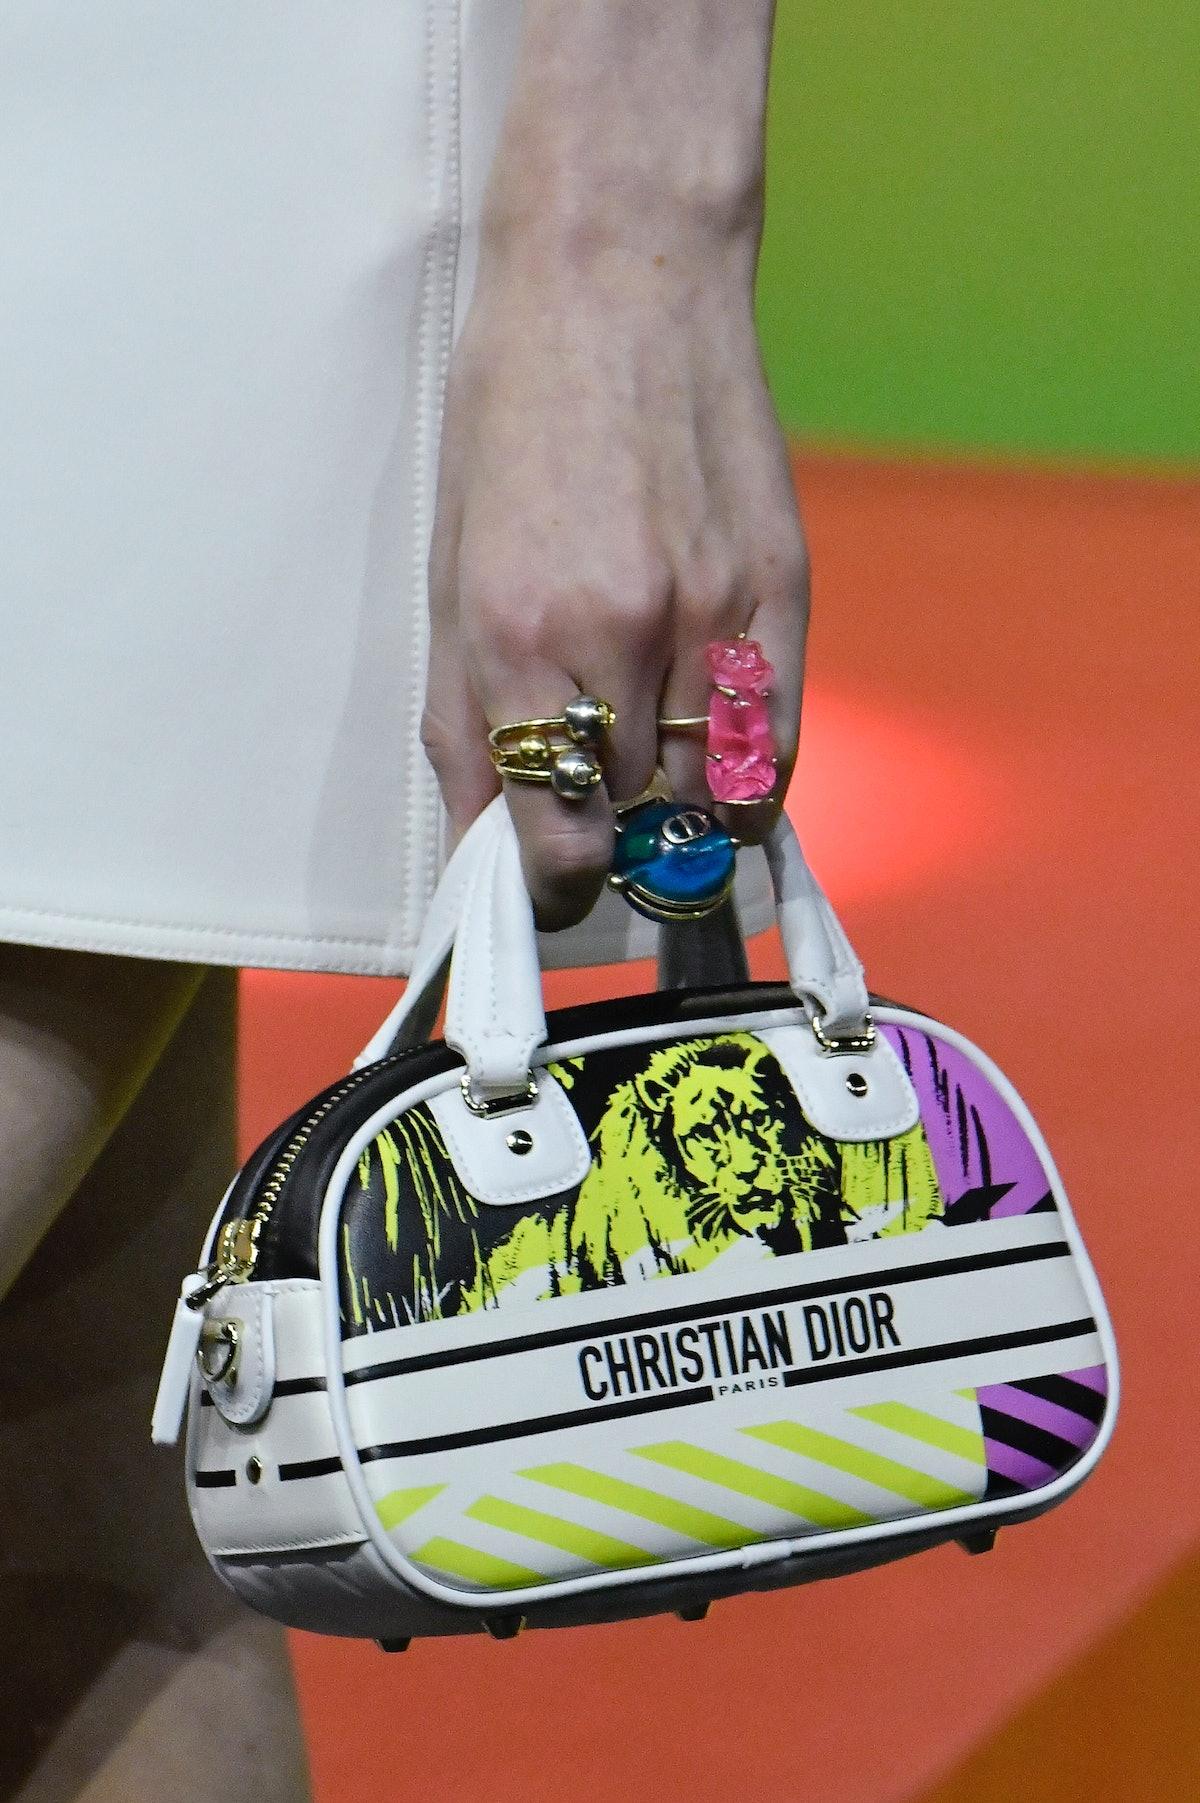 پاریس ، فرانسه - 28 سپتامبر: یک مدل در طول راهپیمایی دیور آماده استفاده از Dior Ready to Summer/Summer 2 می شود ...